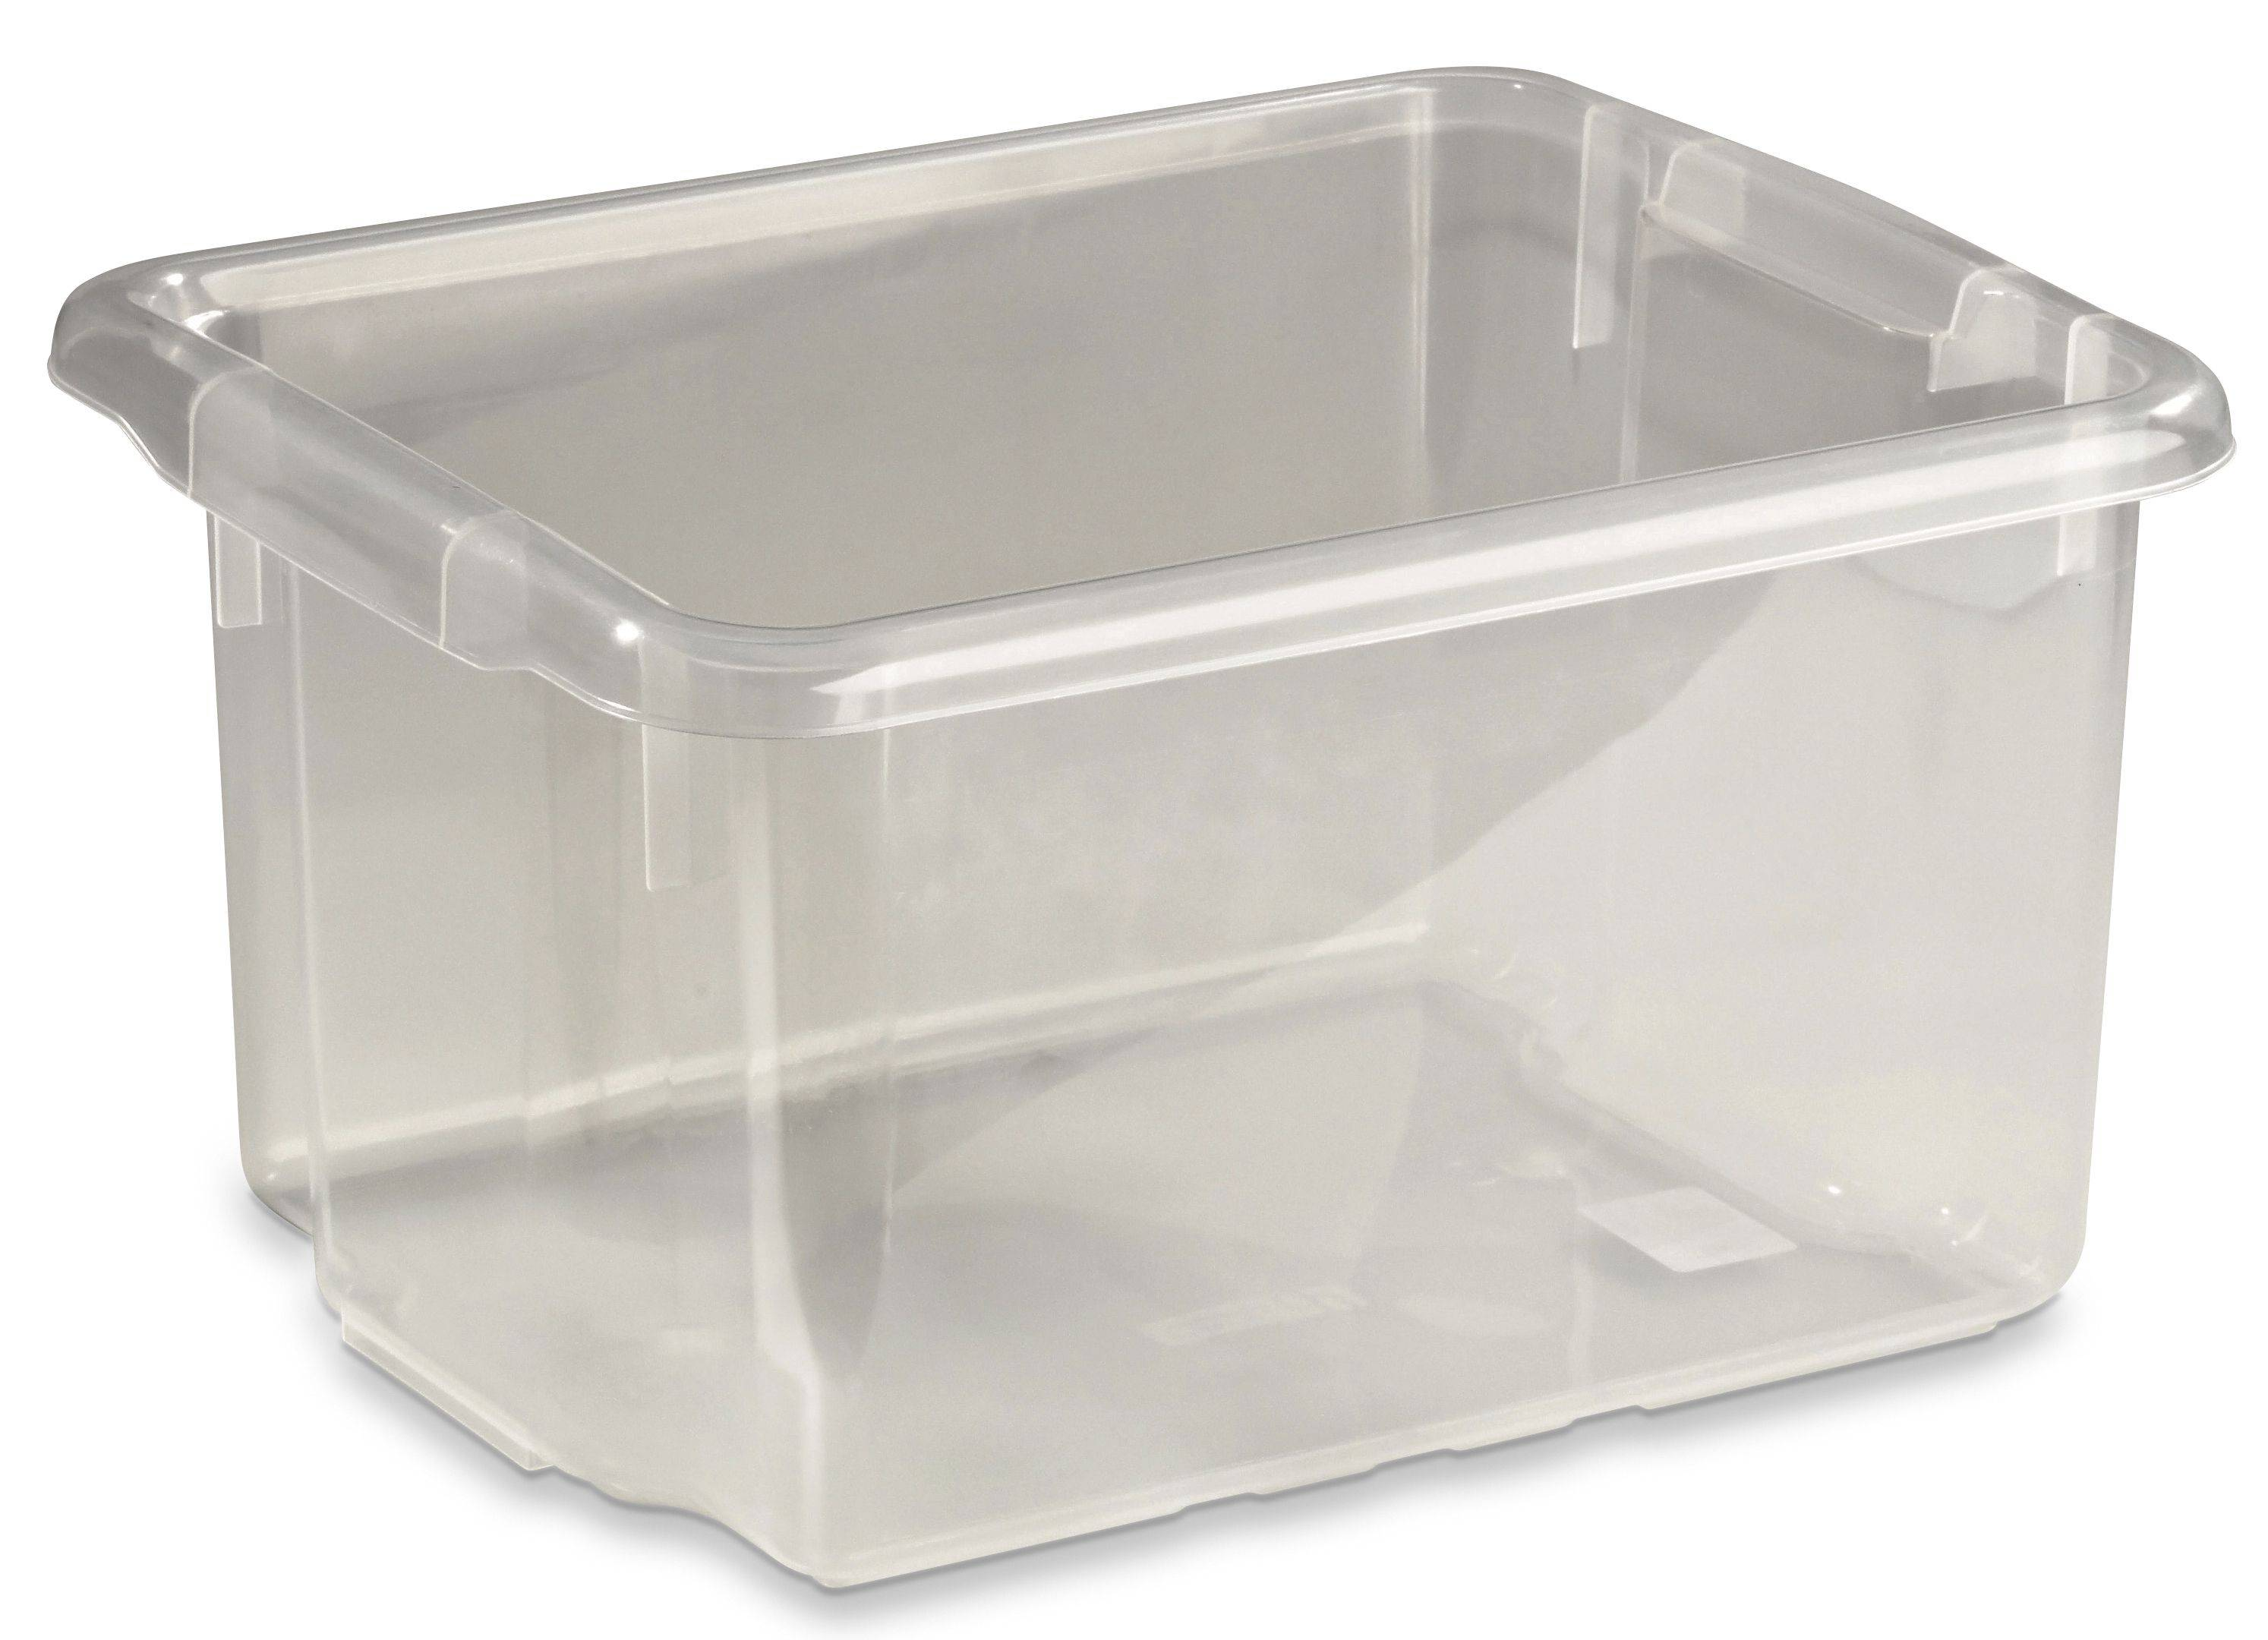 Oppbevaringsboks 7150-0500 Oppbevaringsboks 15l transparent